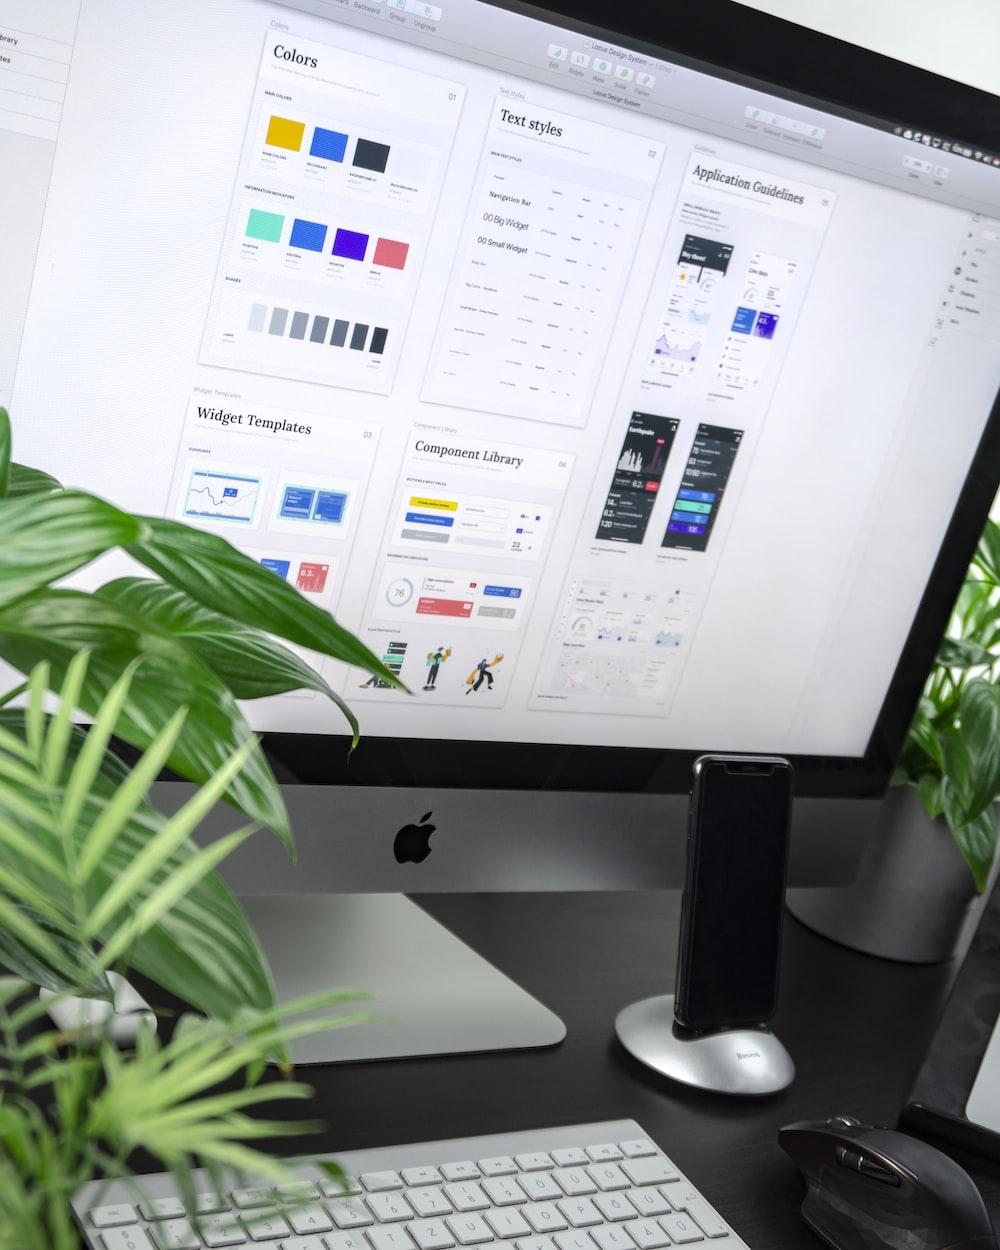 Design System dapat membantu kita membangun produk digital menjadi lebih mudah (Foto via Balázs Kétyi on Unsplash)